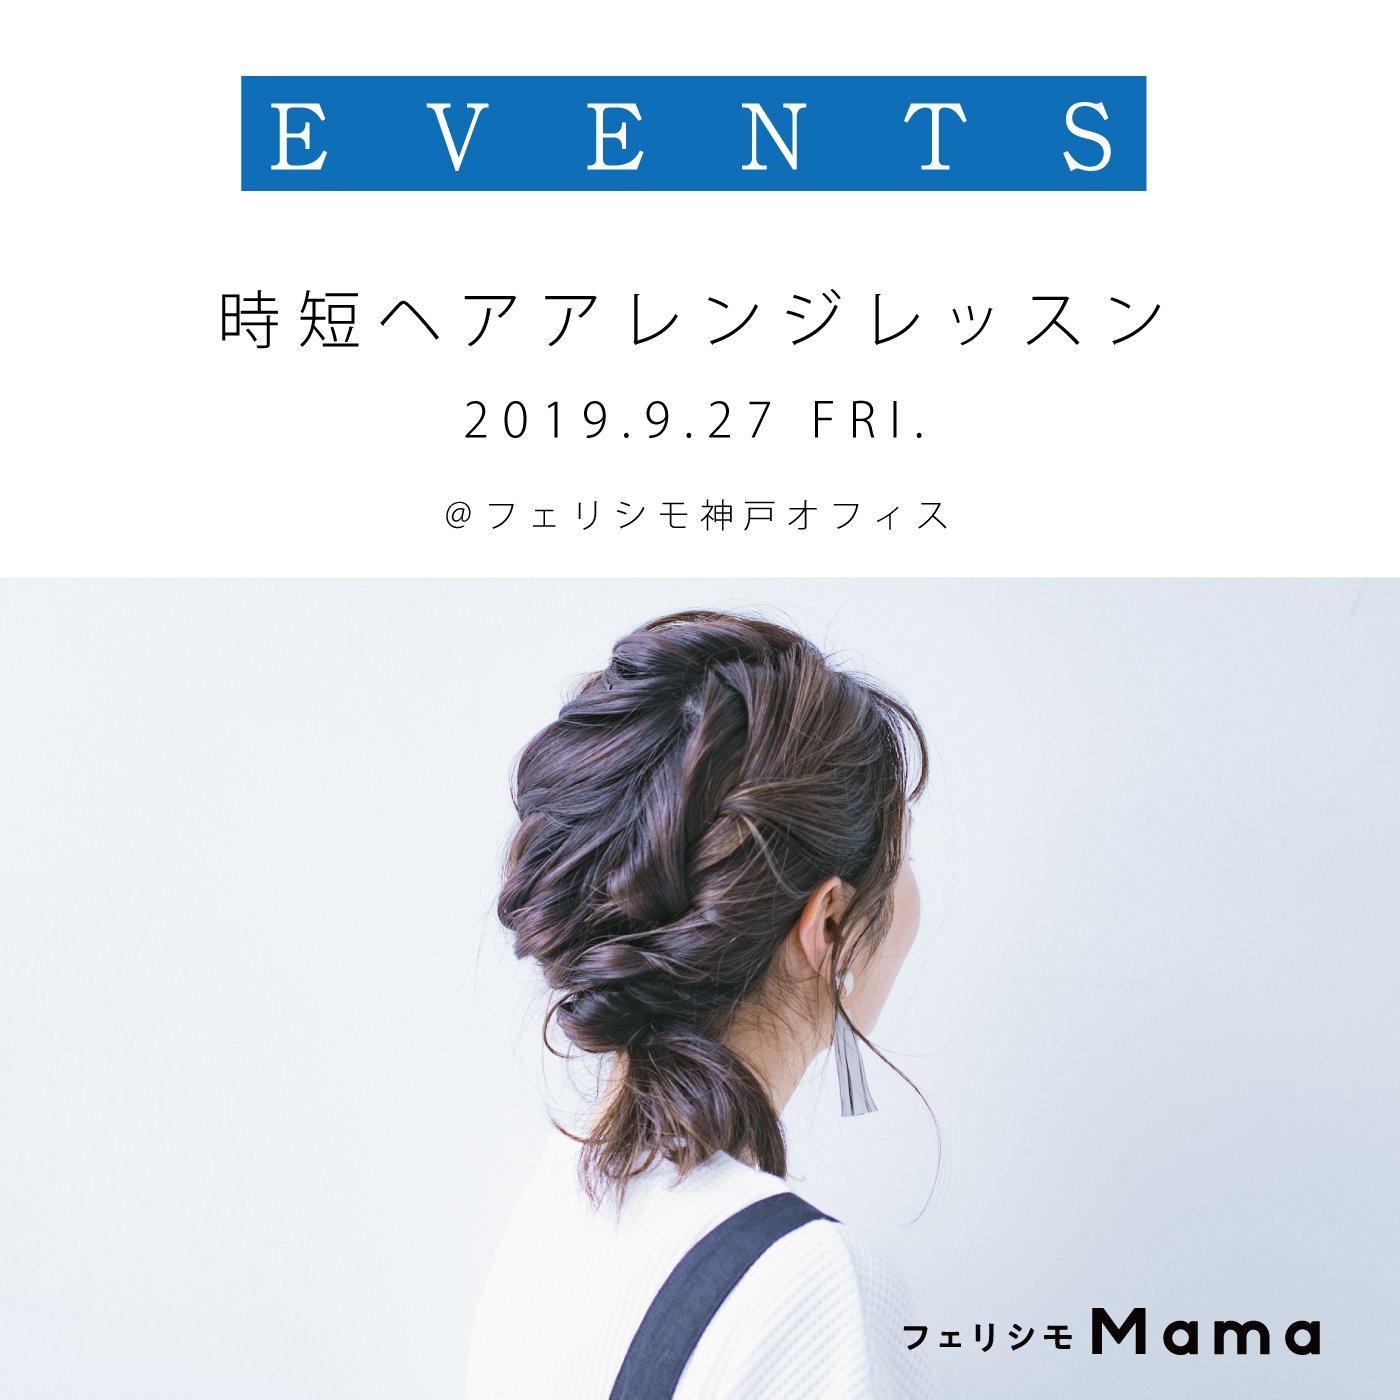 〈フェリシモMama〉2019年9月27日(金)好印象ママ&マタニティになれる 時短ヘアアレンジレッスン?